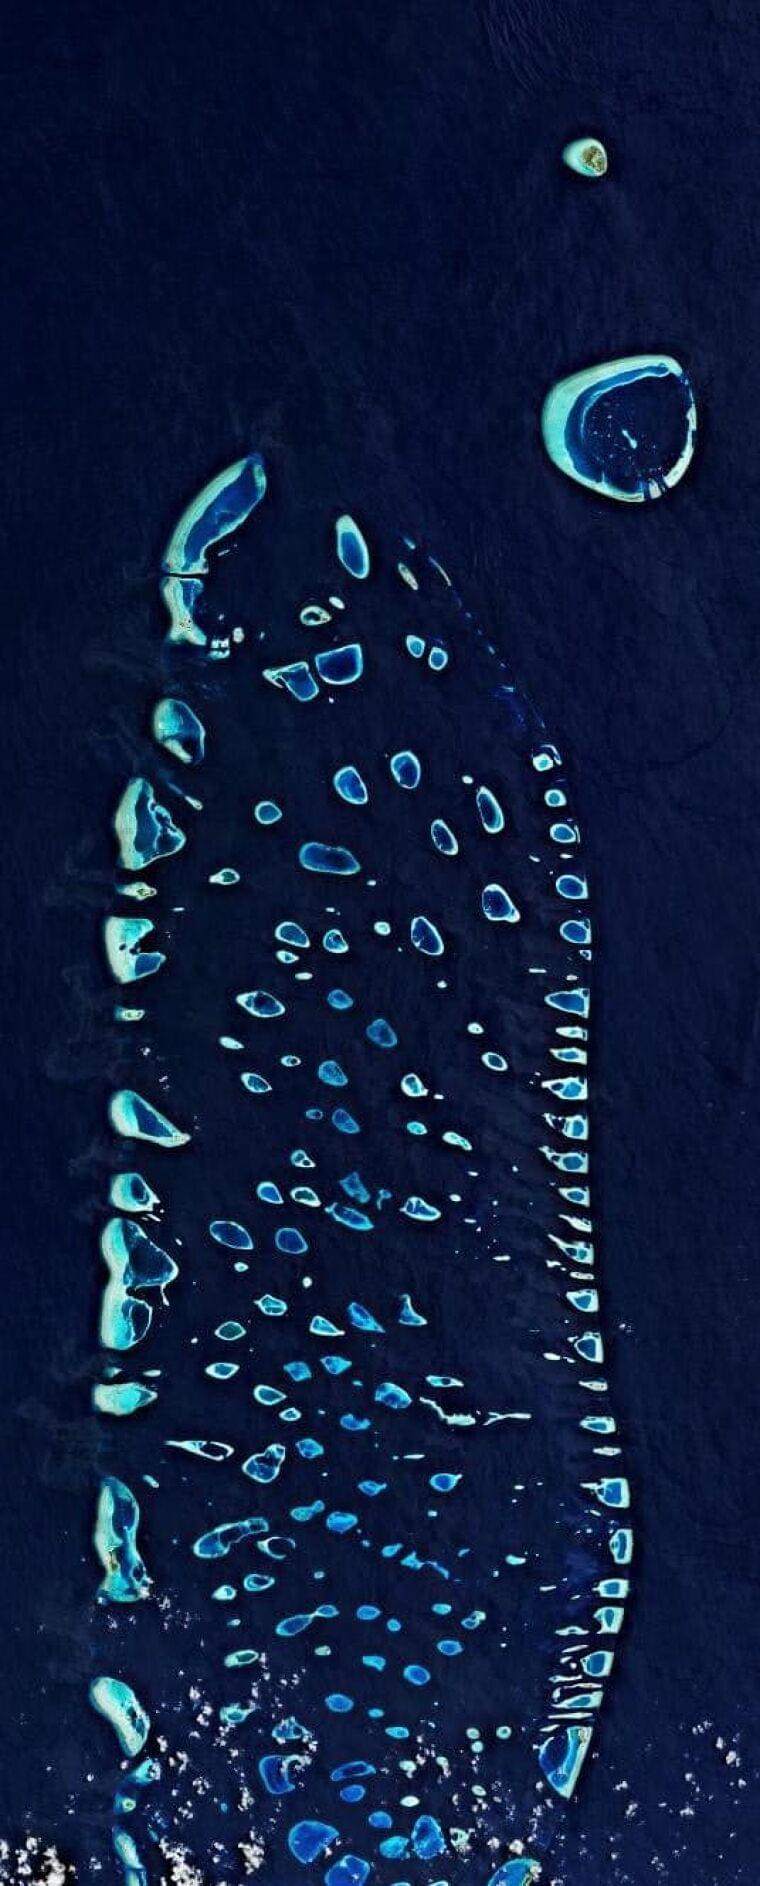 広がるマイクロプラスチック汚染 海からも空からも